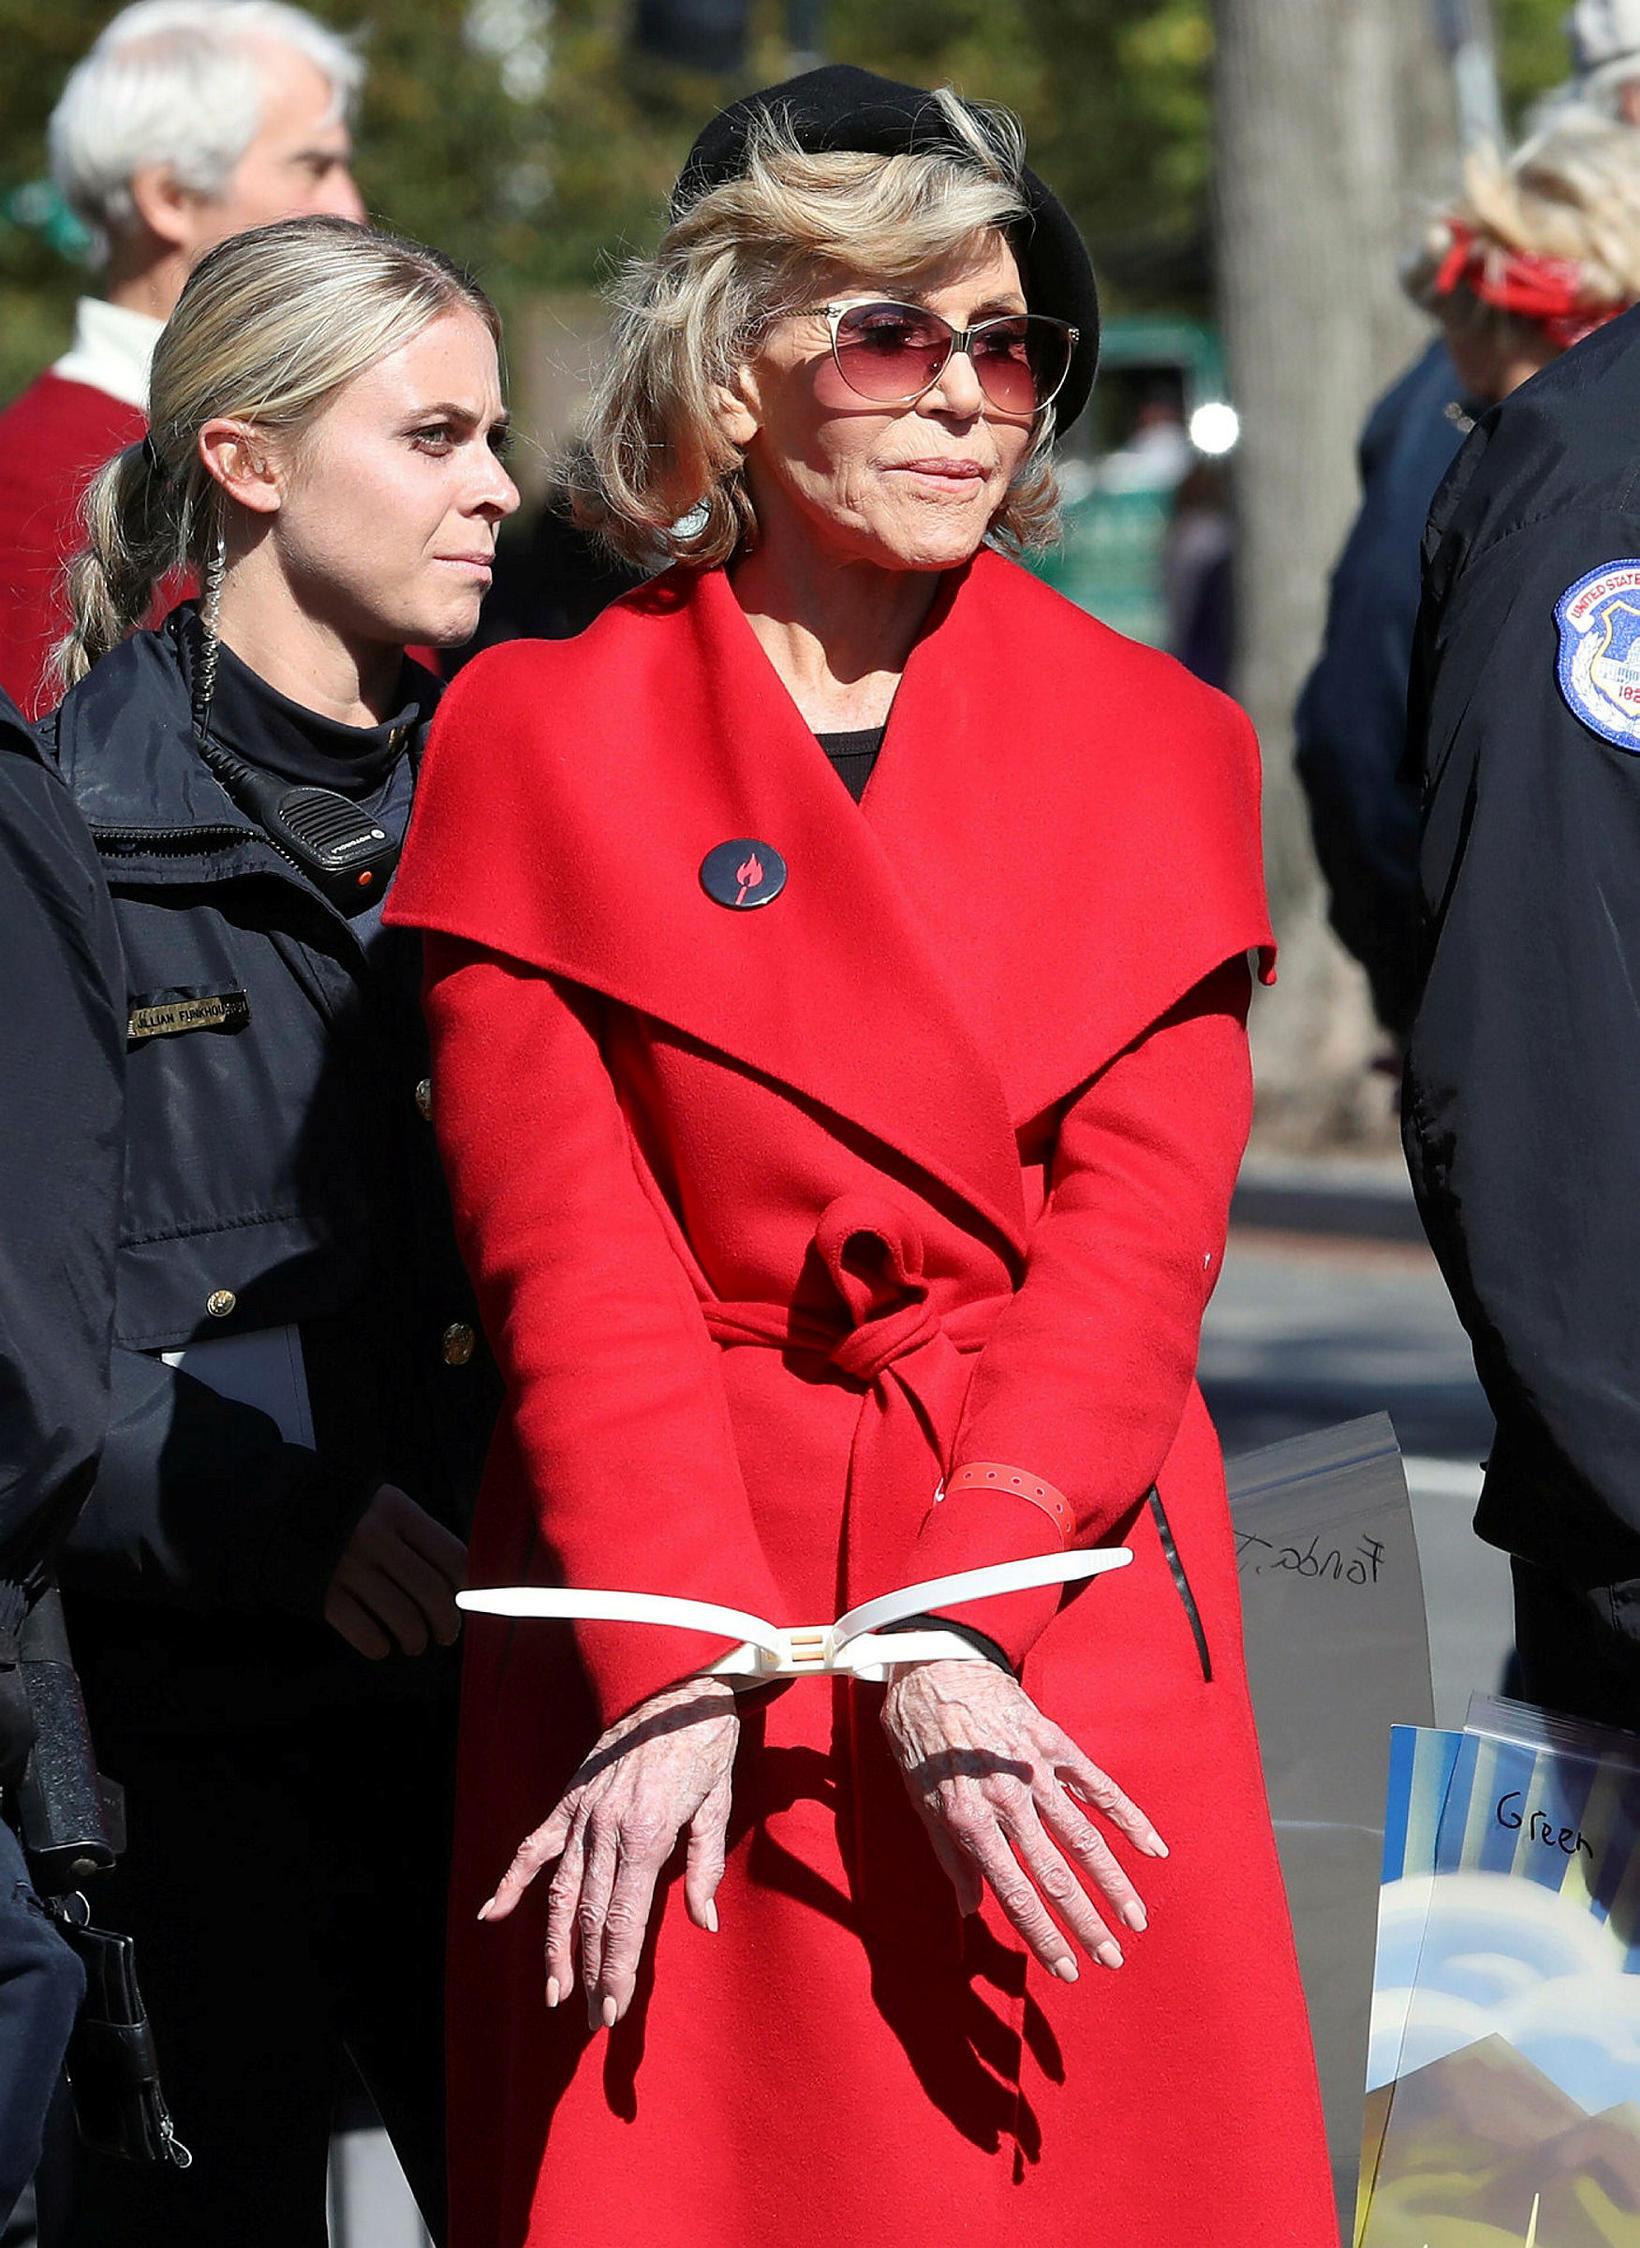 Jane Fonda keypti rauðu kápuna á útsölu.